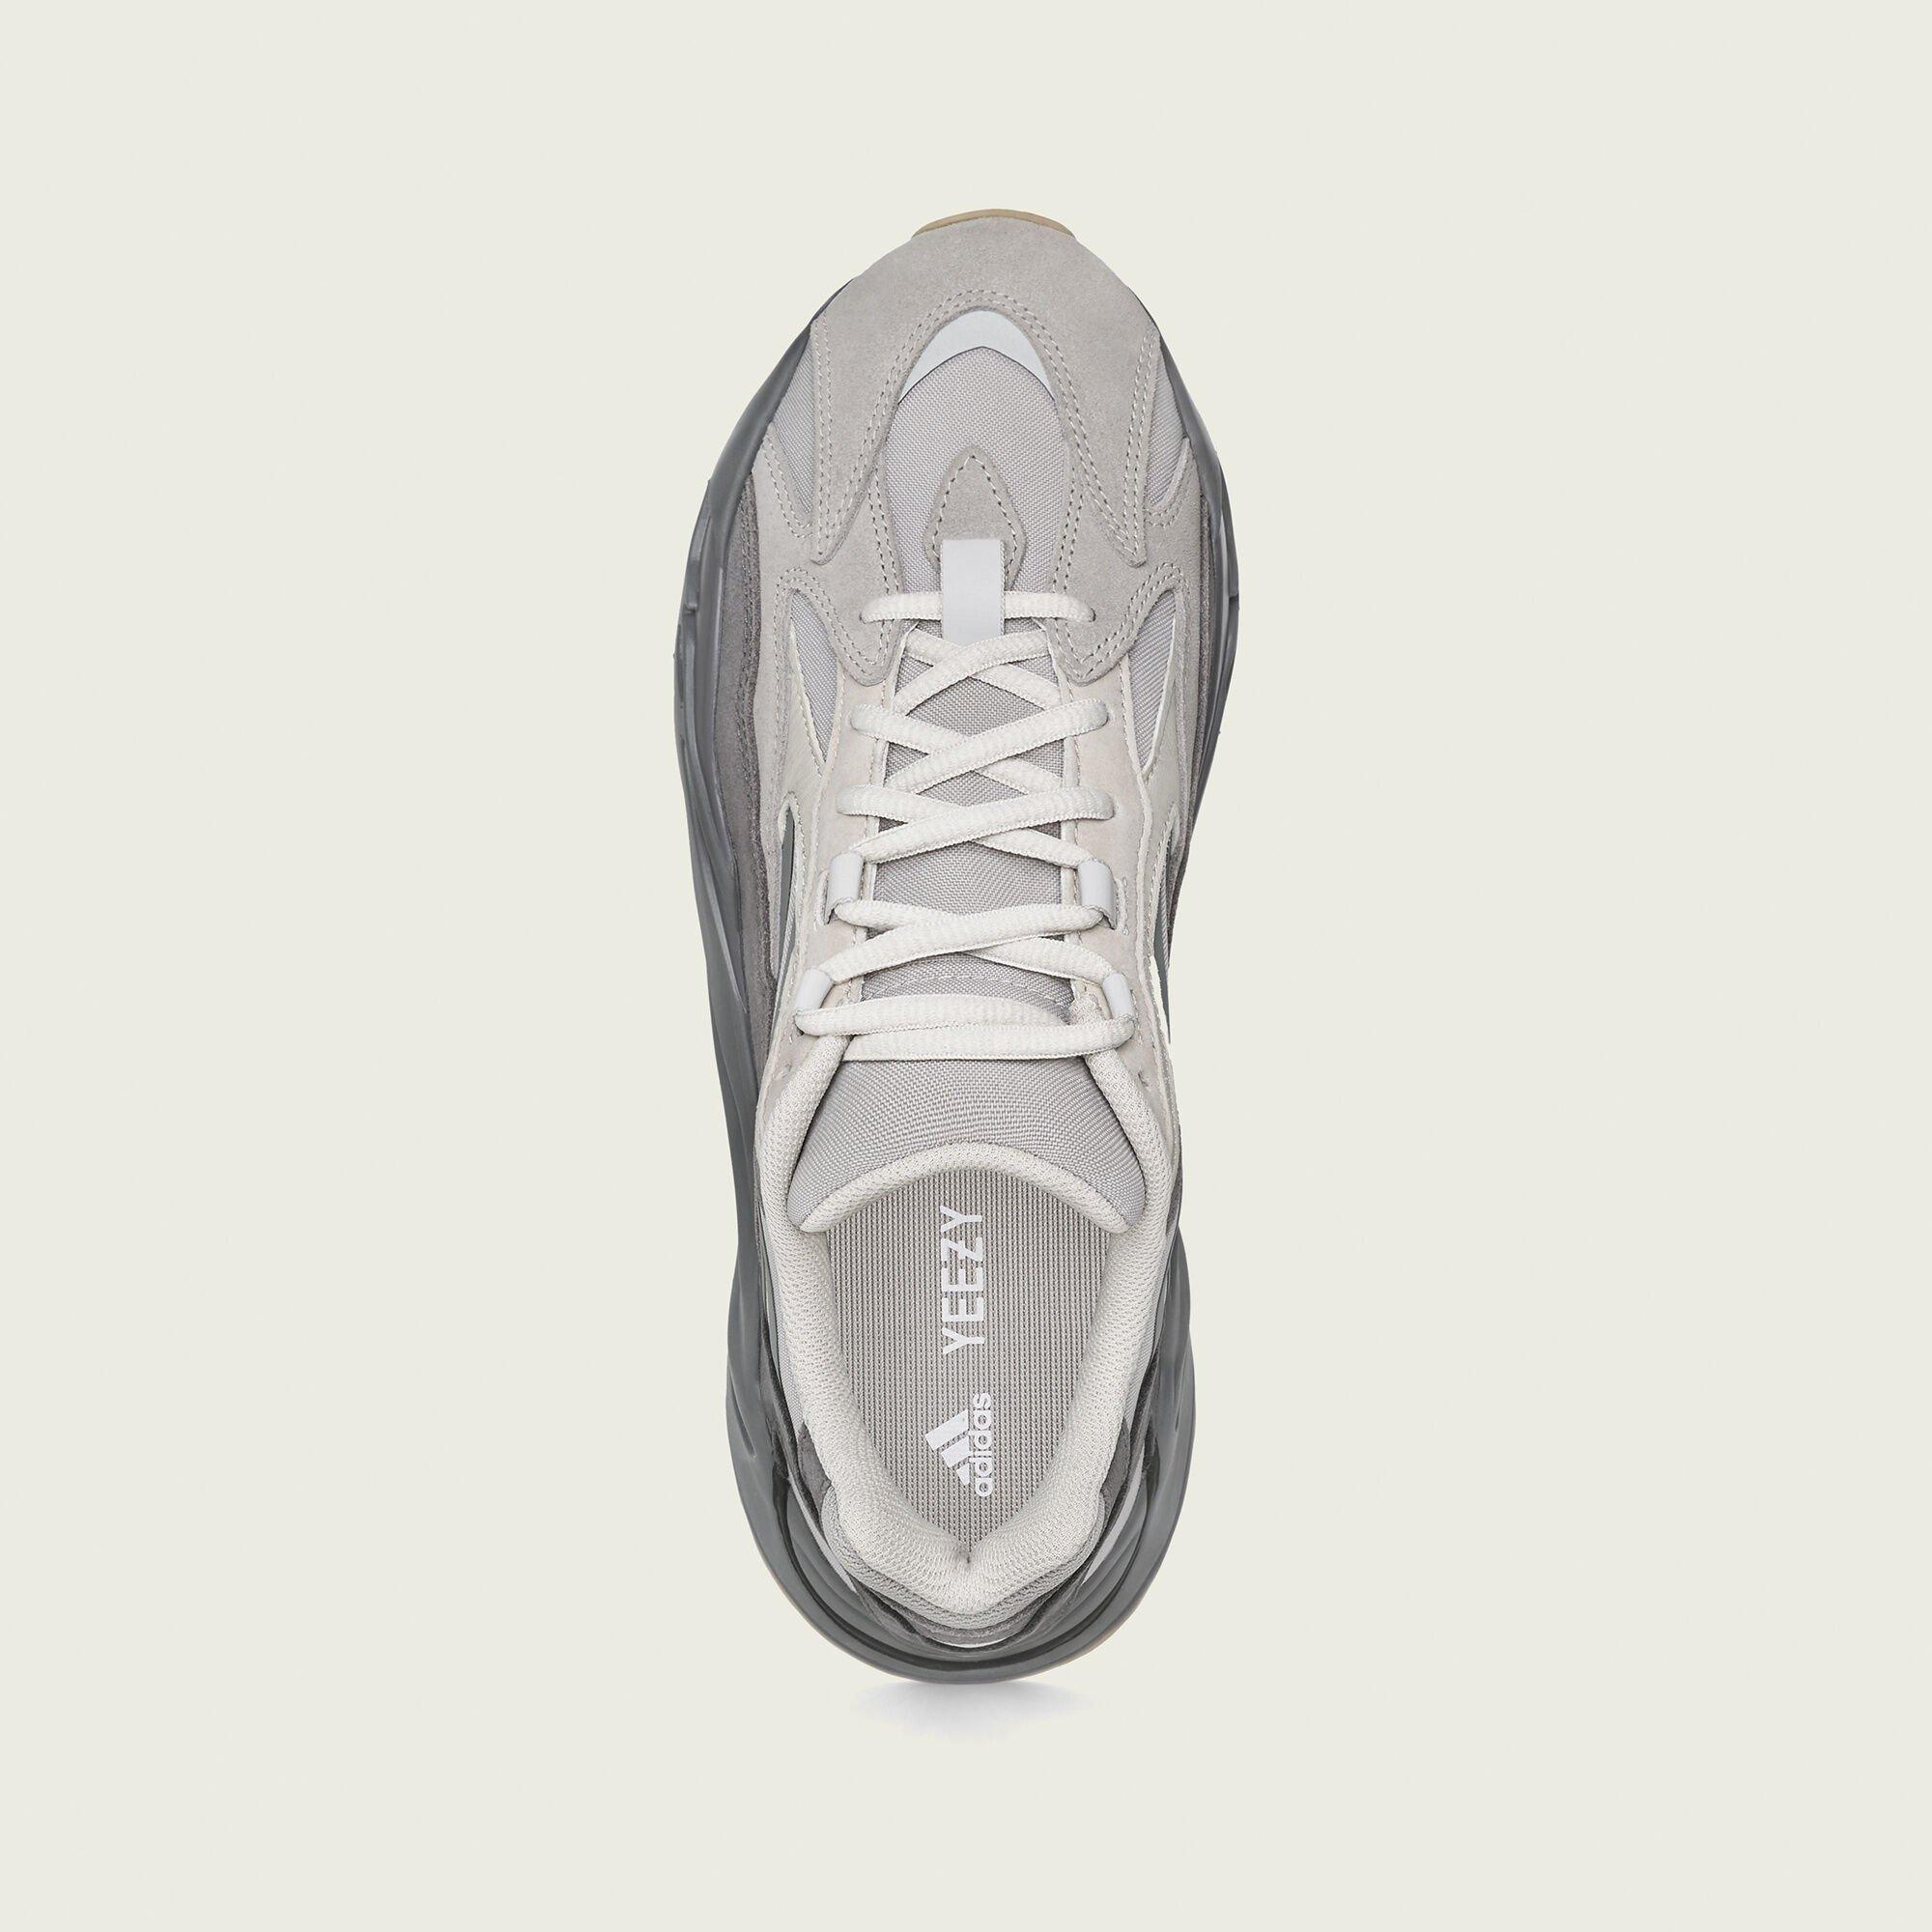 adidas Yeezy Boost 700 V2 Tephra (FU7914)